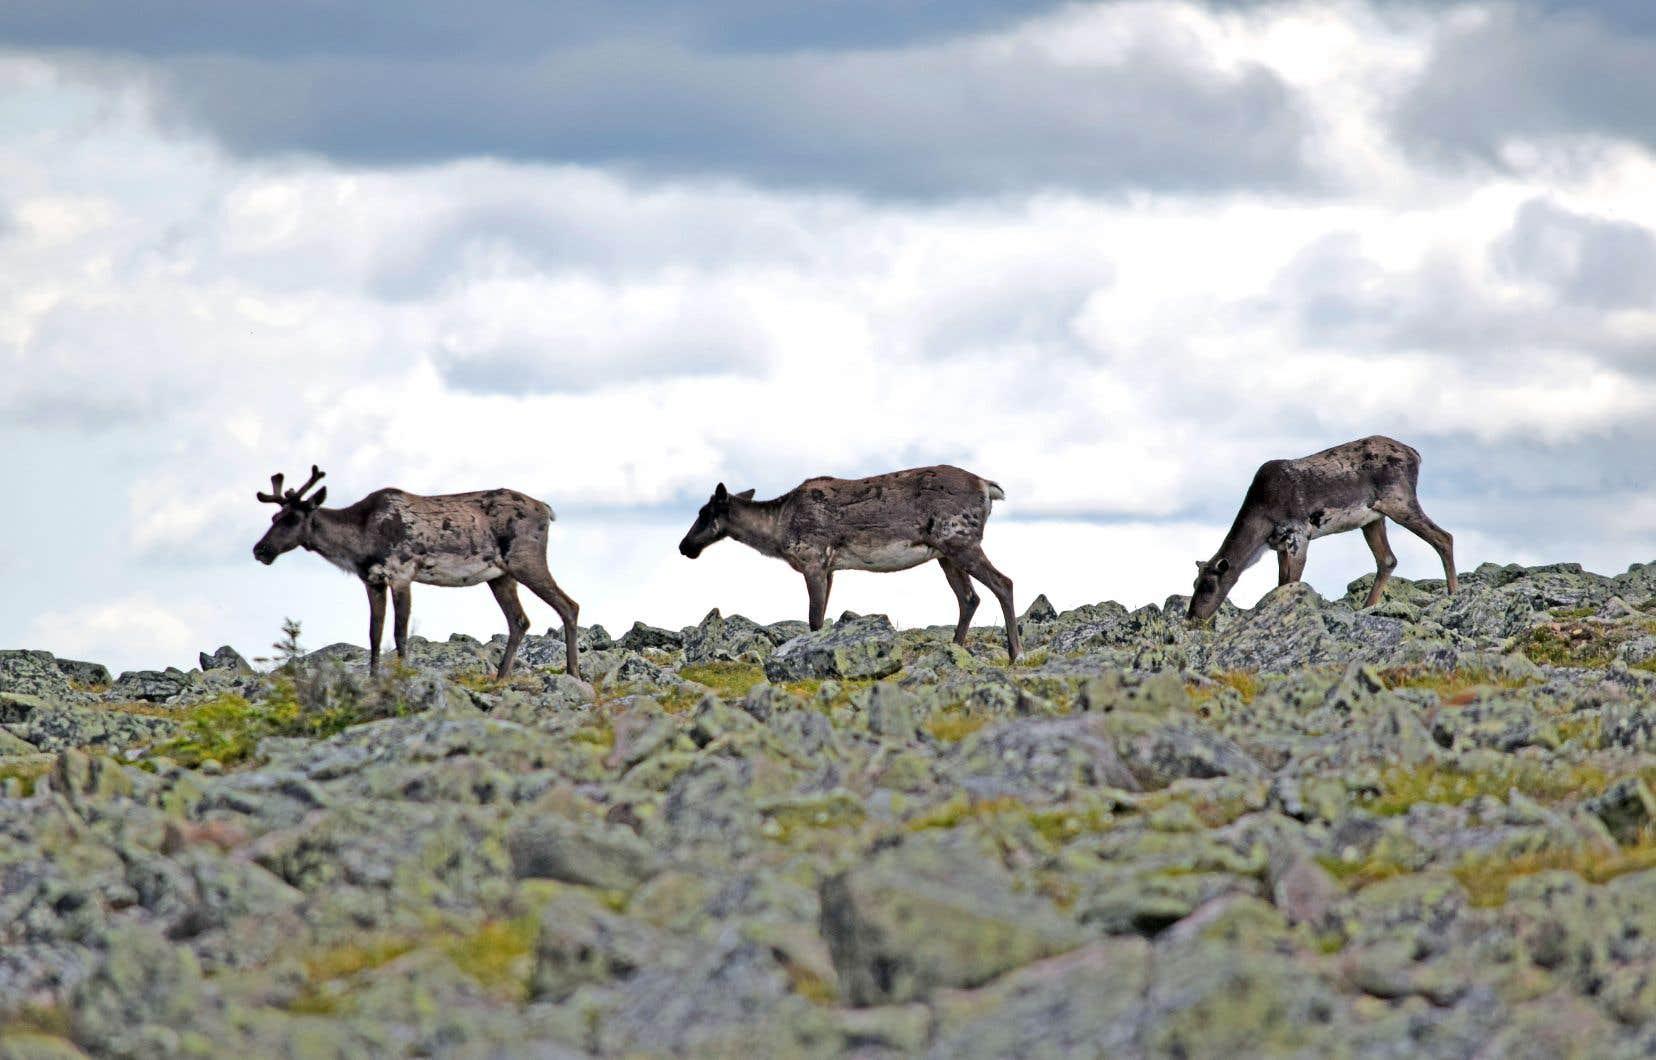 Ces cervidés sont particulièrement affectés par la prédation des coyotes et de l'ours noir, selon ce qui se dégage des travaux menés notamment par le spécialiste Martin-Hugues St-Laurent et son équipe.